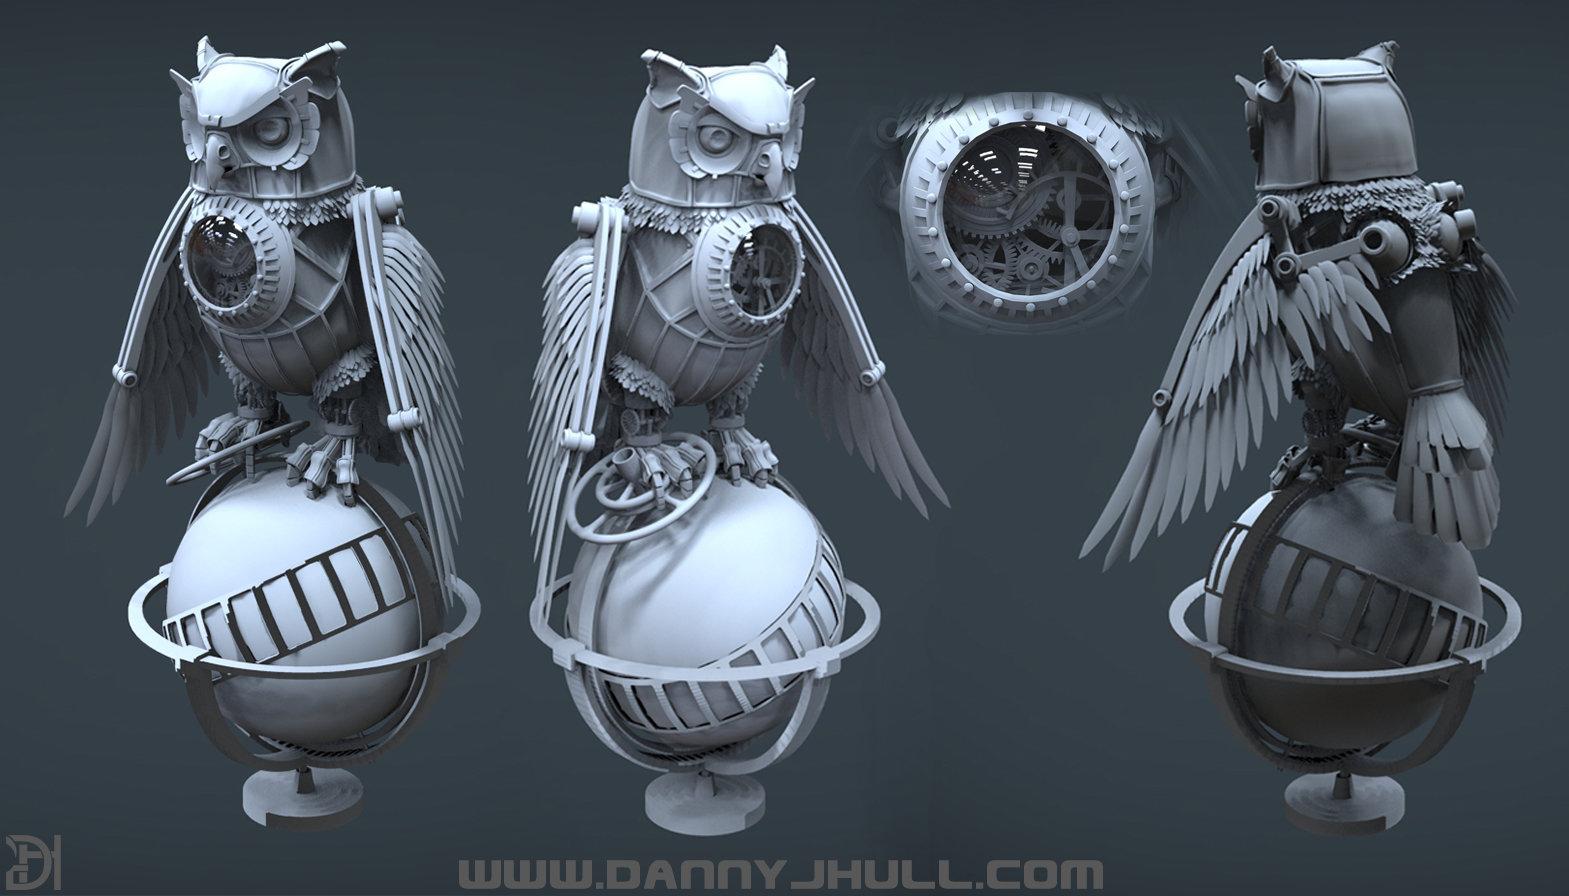 Daniel hull owl render